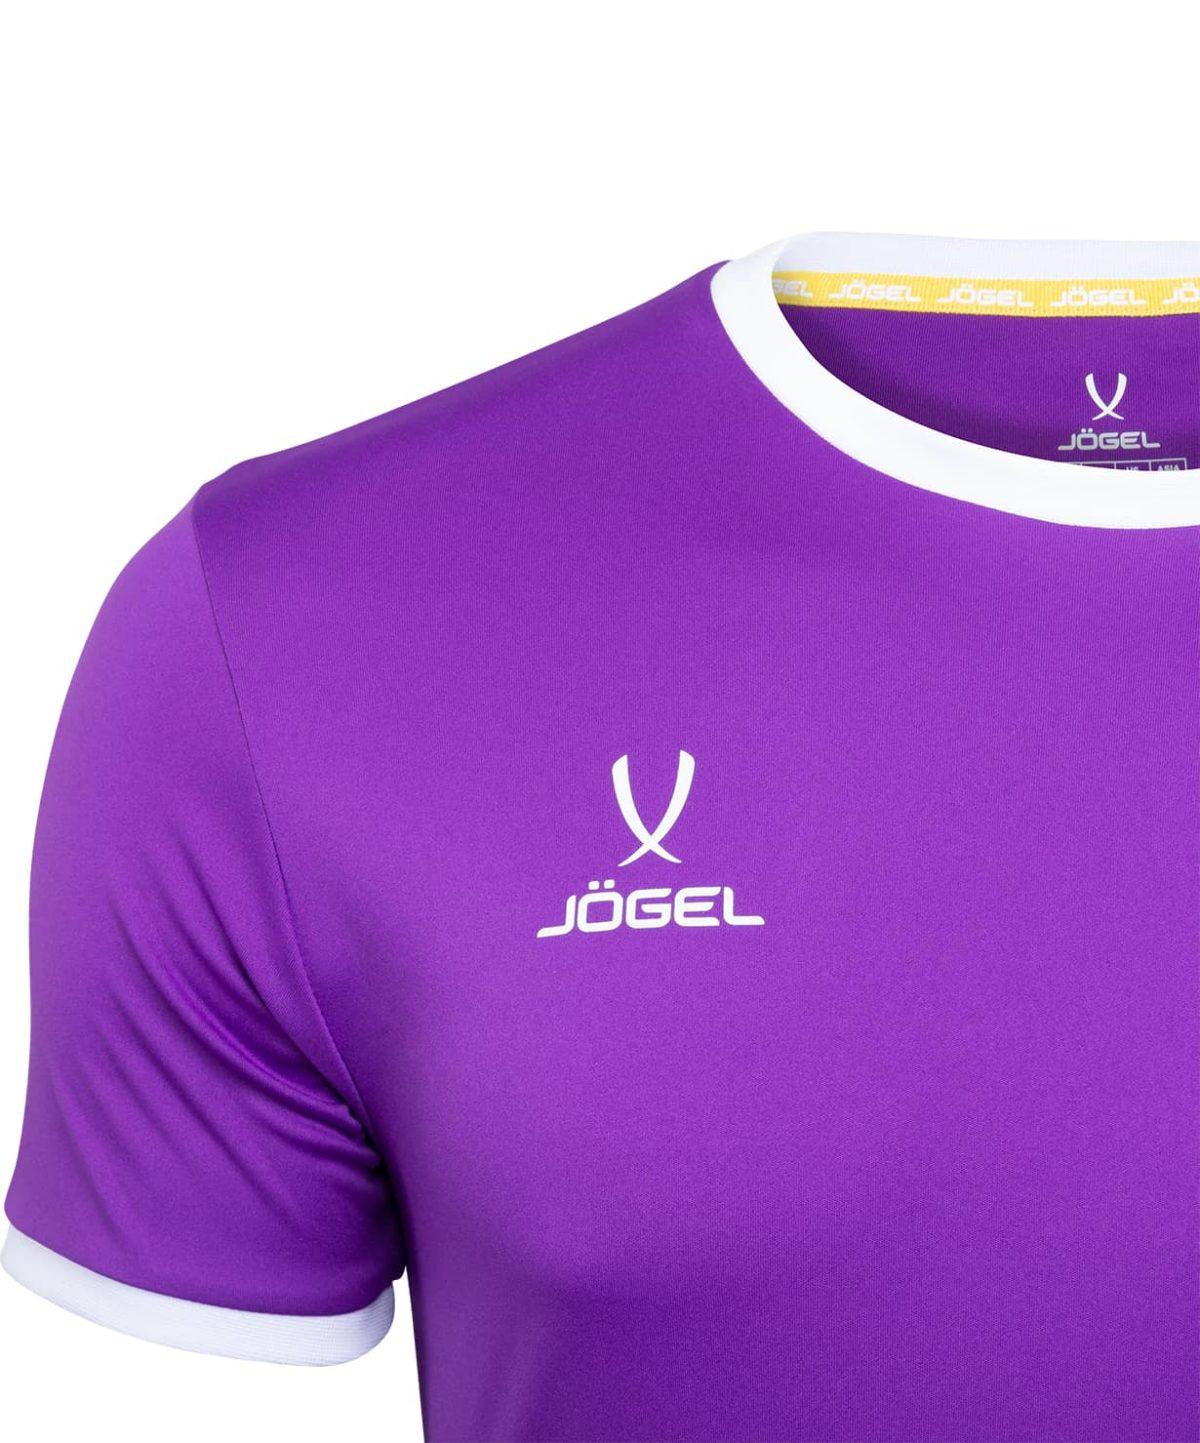 JOGEL CAMP Origin Футболка футбольная детская, фиолетовый/белый  JFT-1020-V1-K - 3